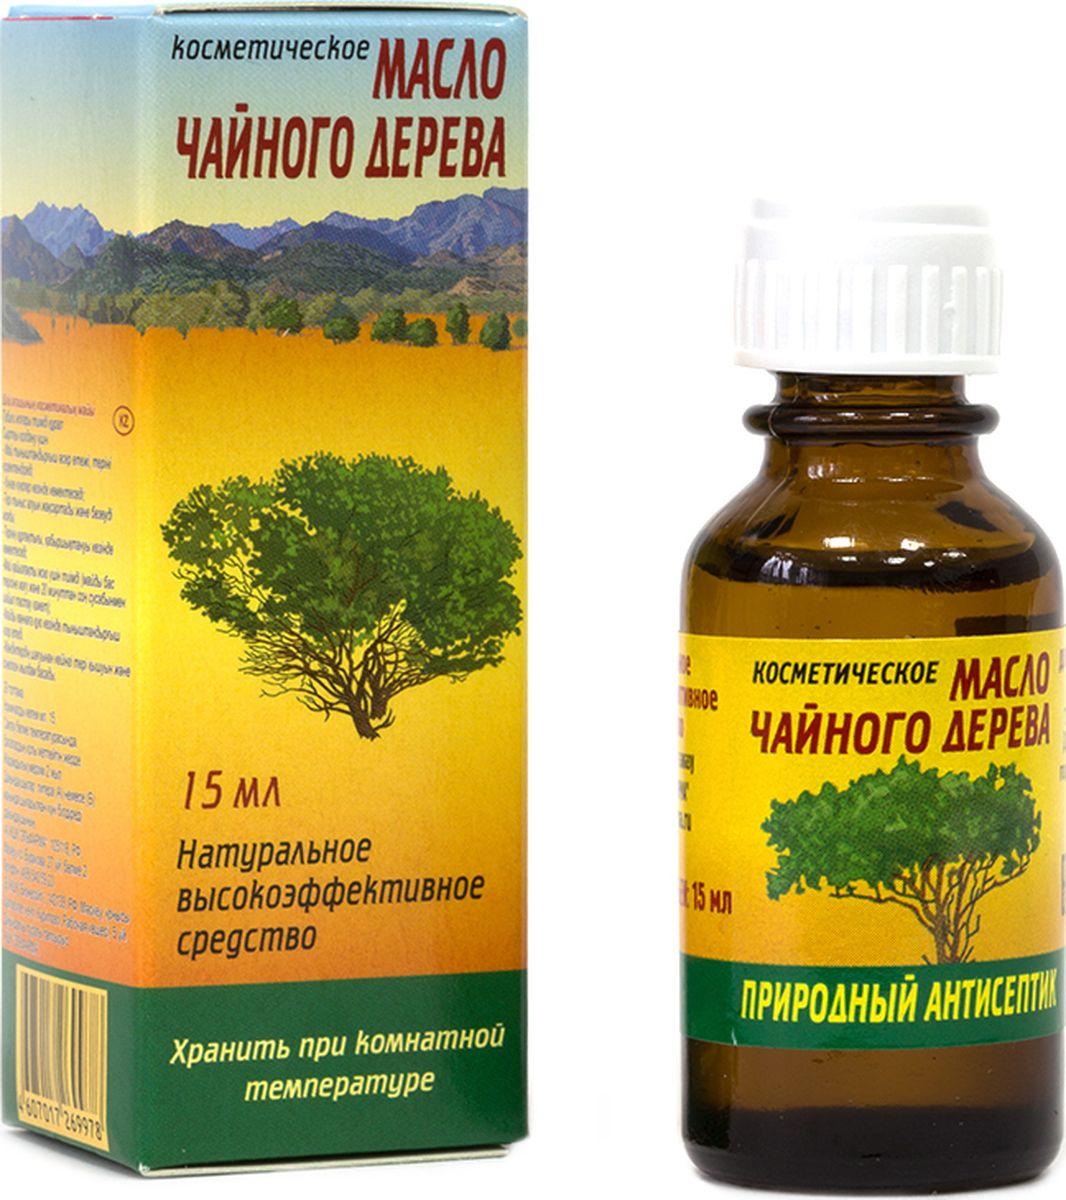 Elfarma Косметическое масло Чайного дерева, 15 мл масло природный антисептик ачд с пихтой косметическое oleos 30 мл